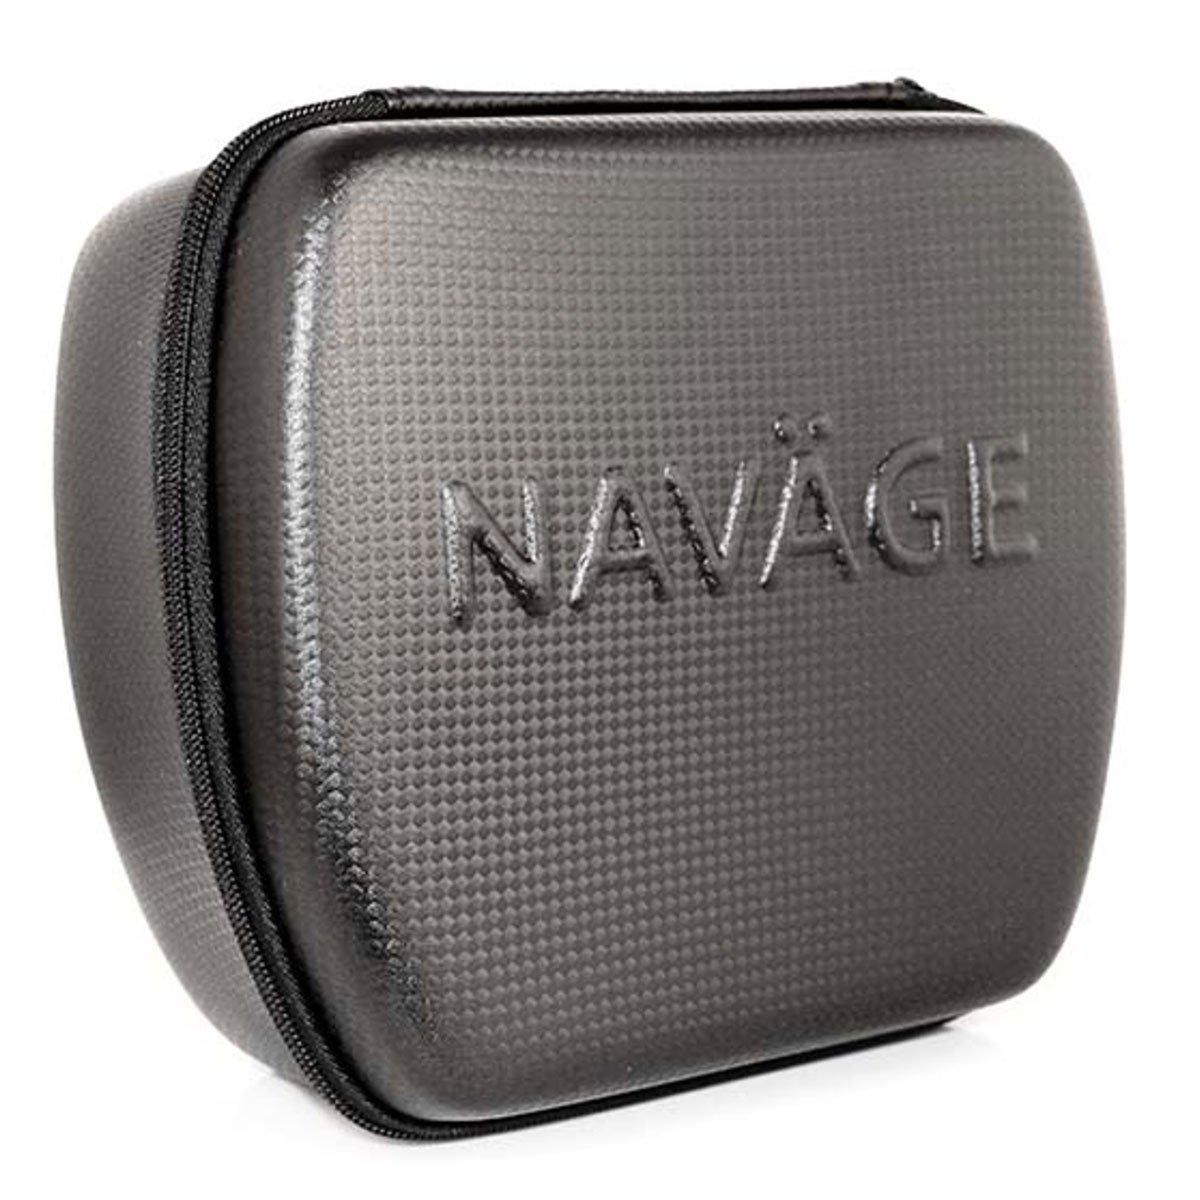 Naväge Black Travel Case (for the Naväge Nose Cleaner)